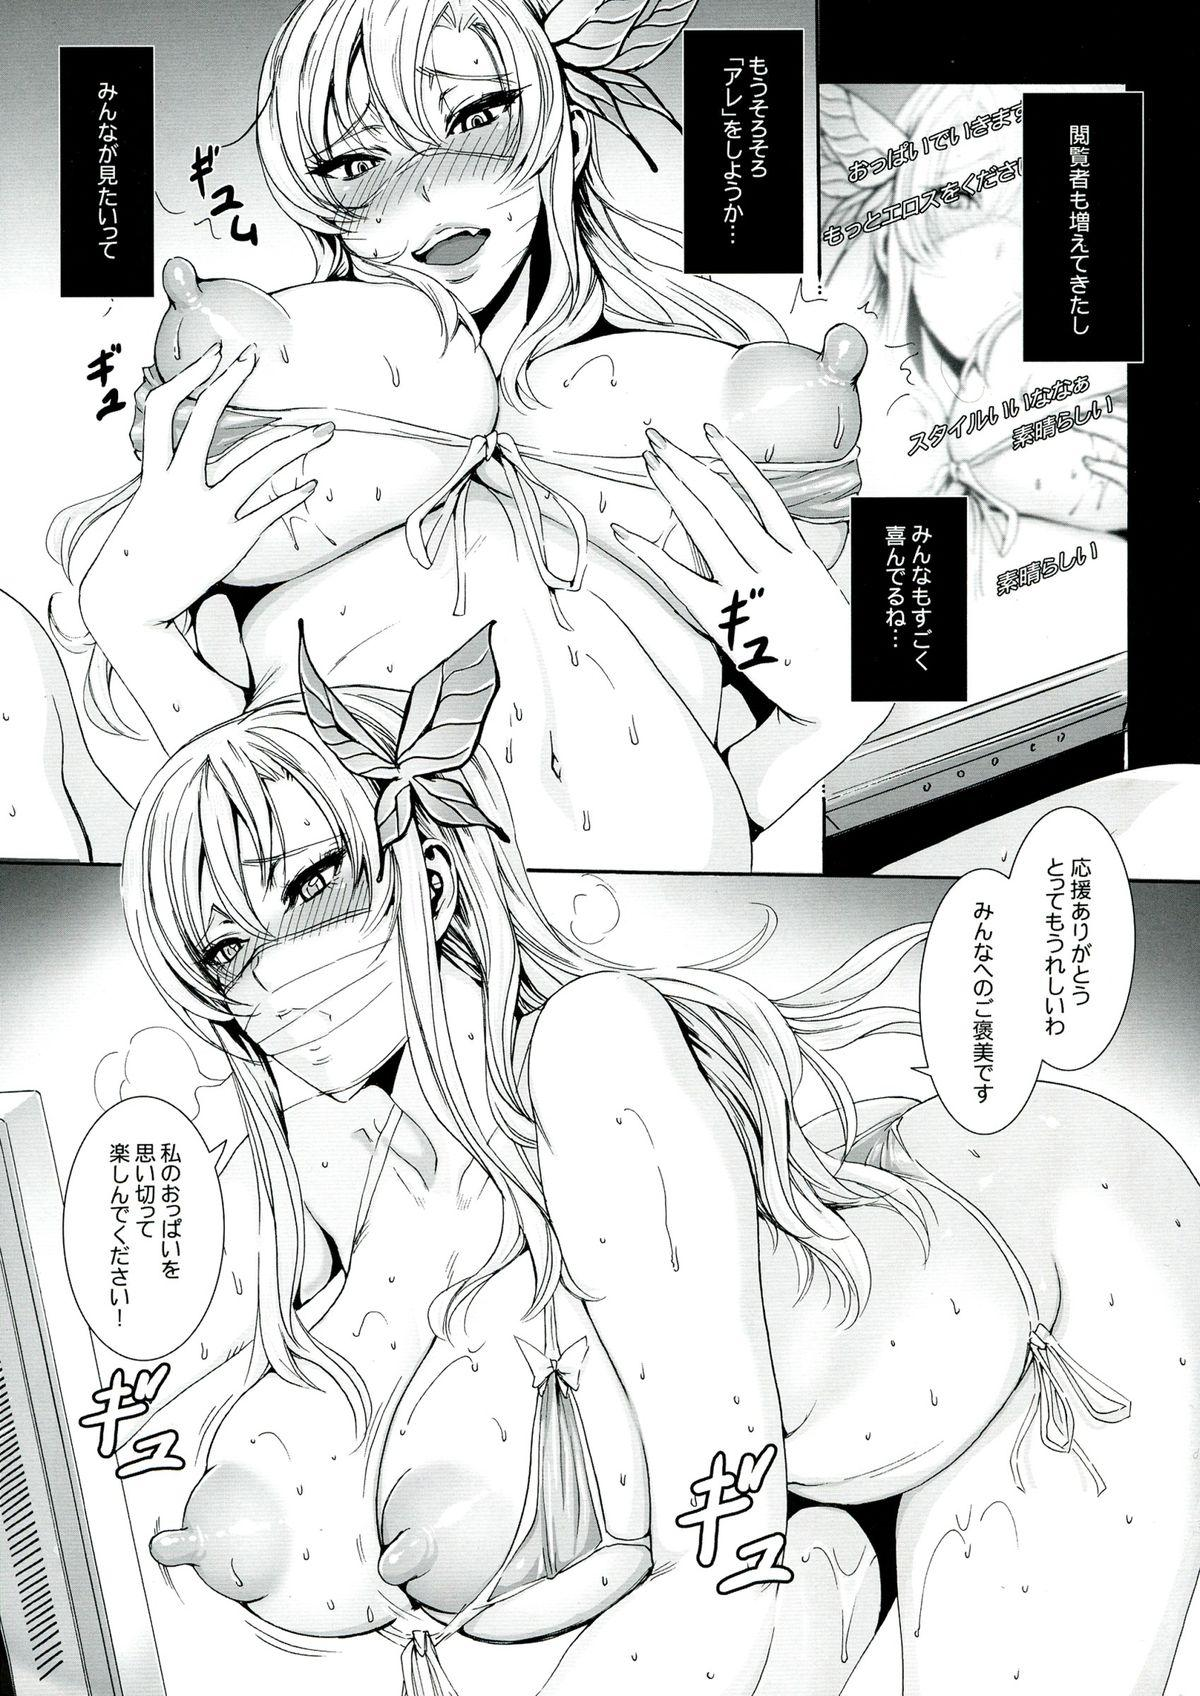 Sena 29sai Tomodachi ga Inai 10